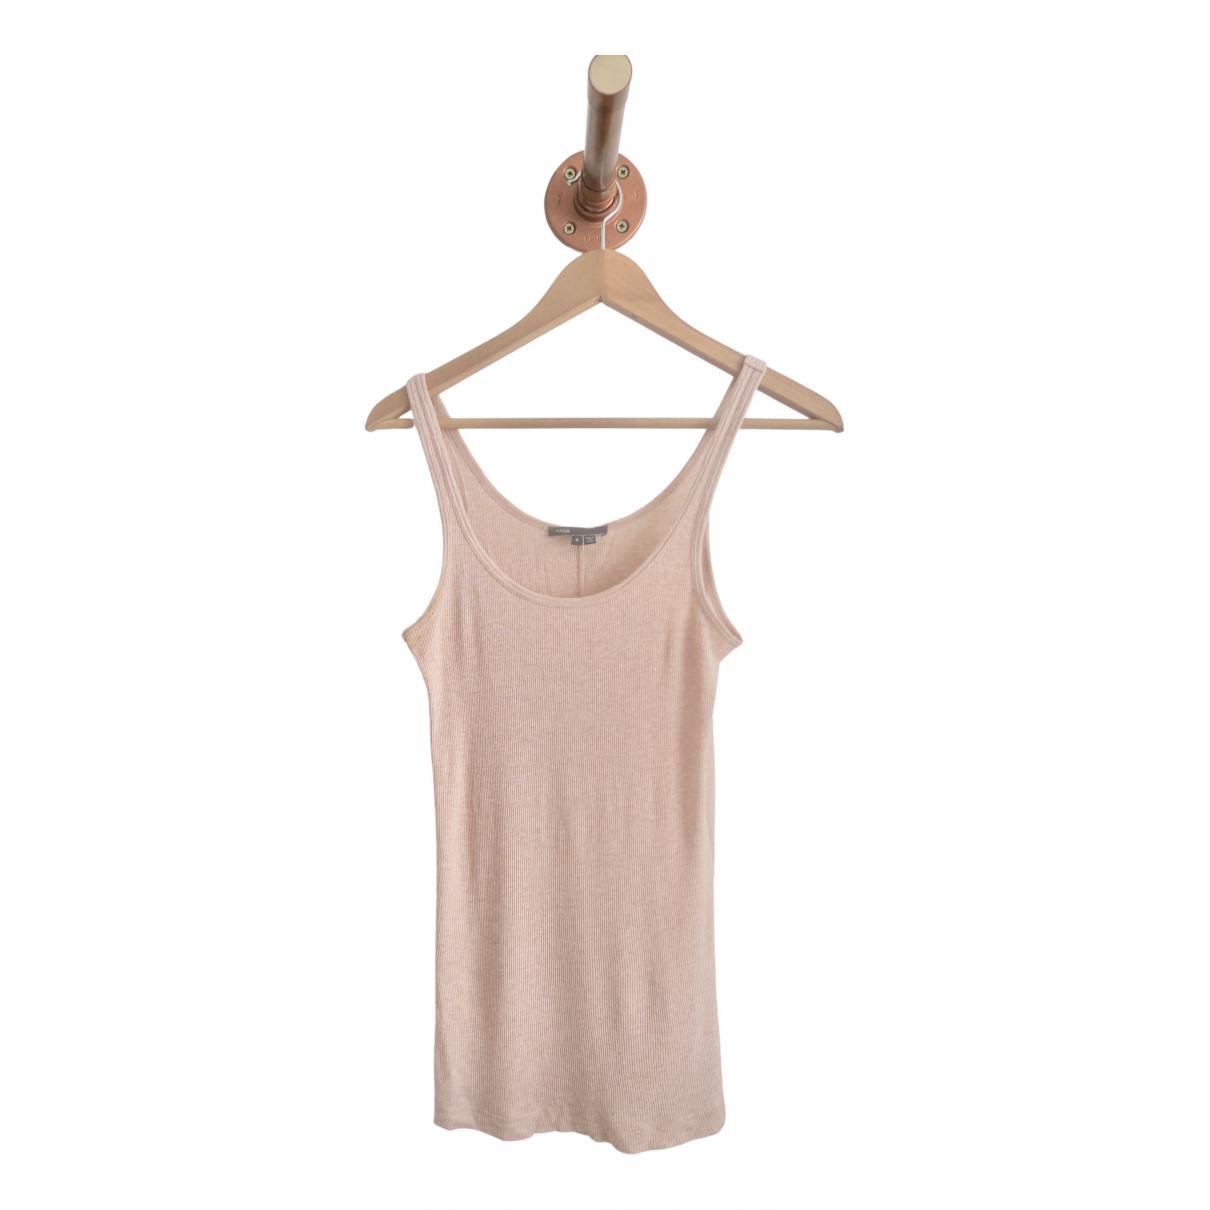 Vince - Top   pour femme en coton - rose